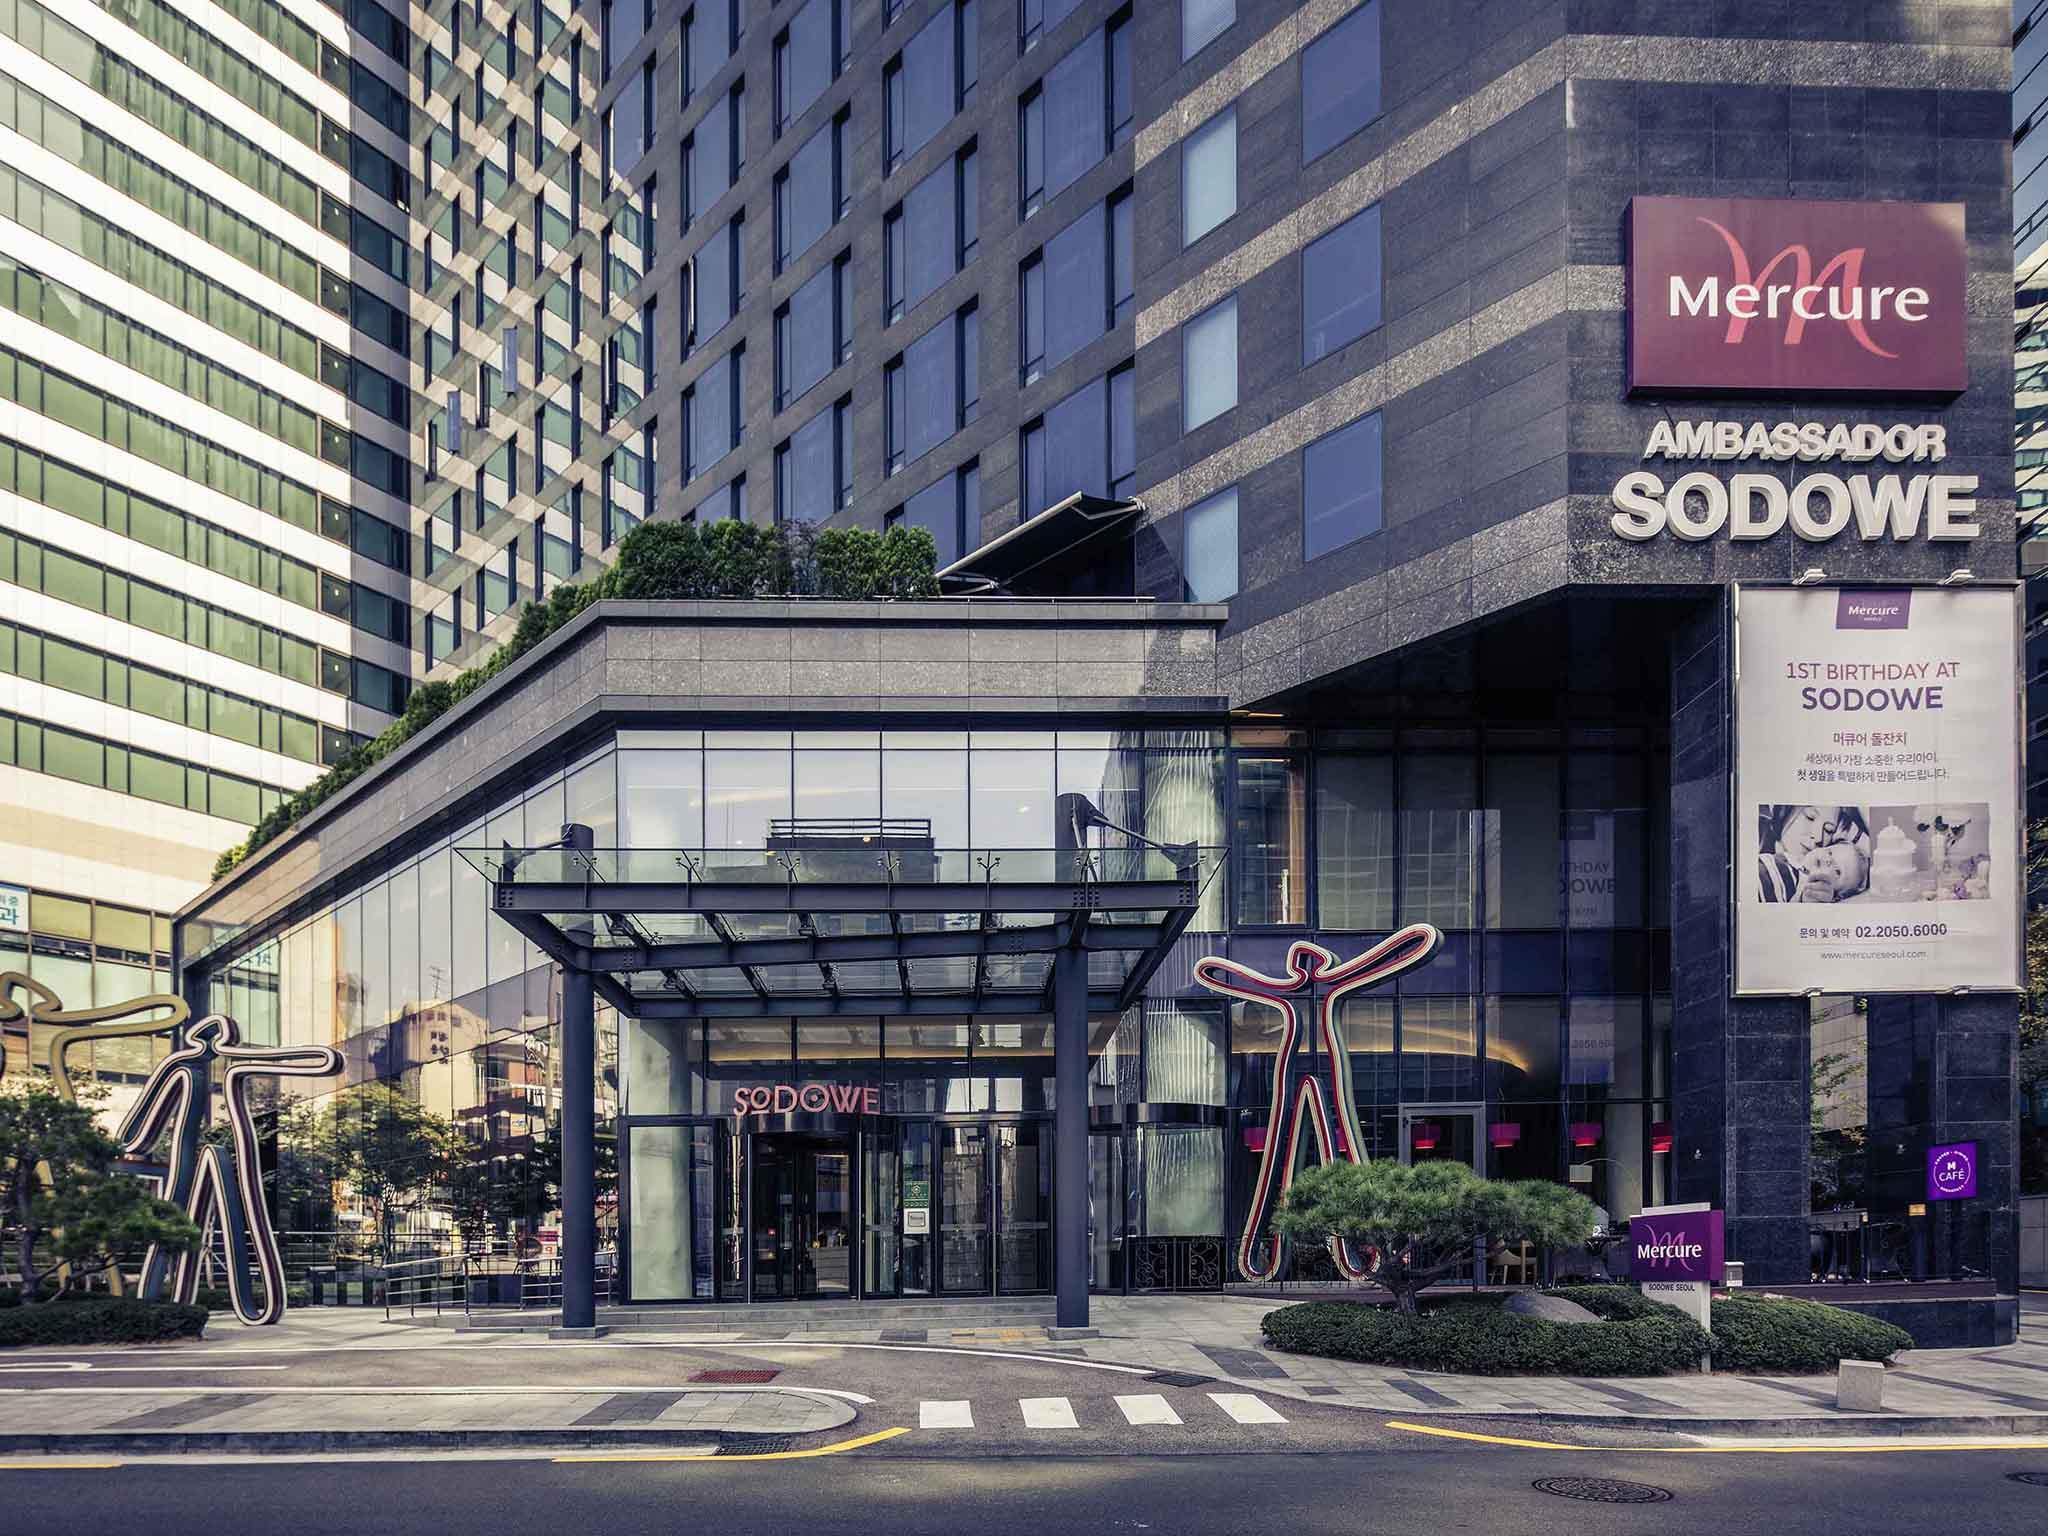 โรงแรม – เมอร์เคียว แอมบาสเดอร์ โซล กังนัม โซโดเว